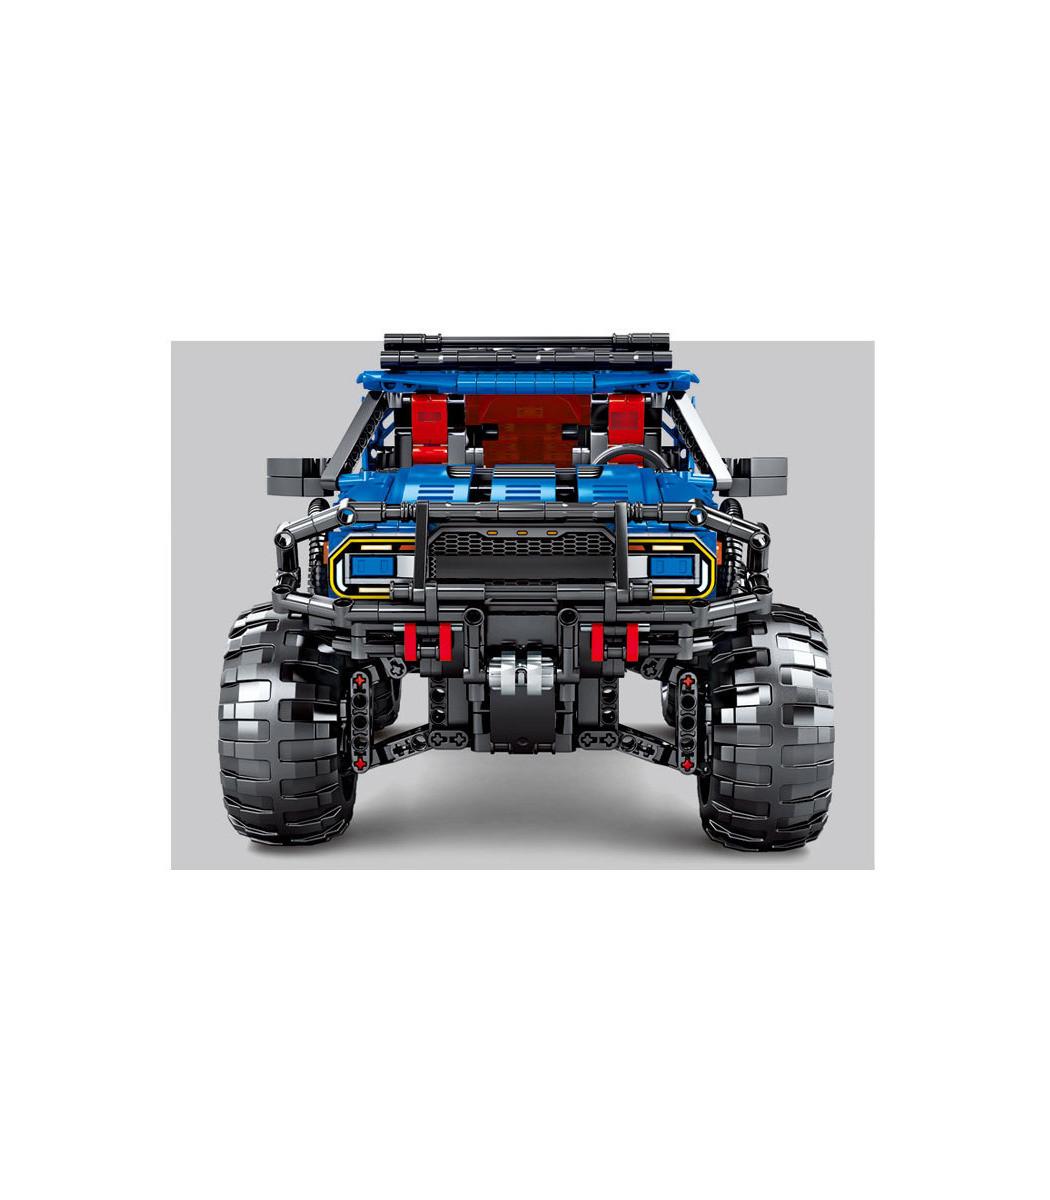 Конструктор Сэмбо 701990 Форд Ф-150 Раптор 1630 деталей - фото 4